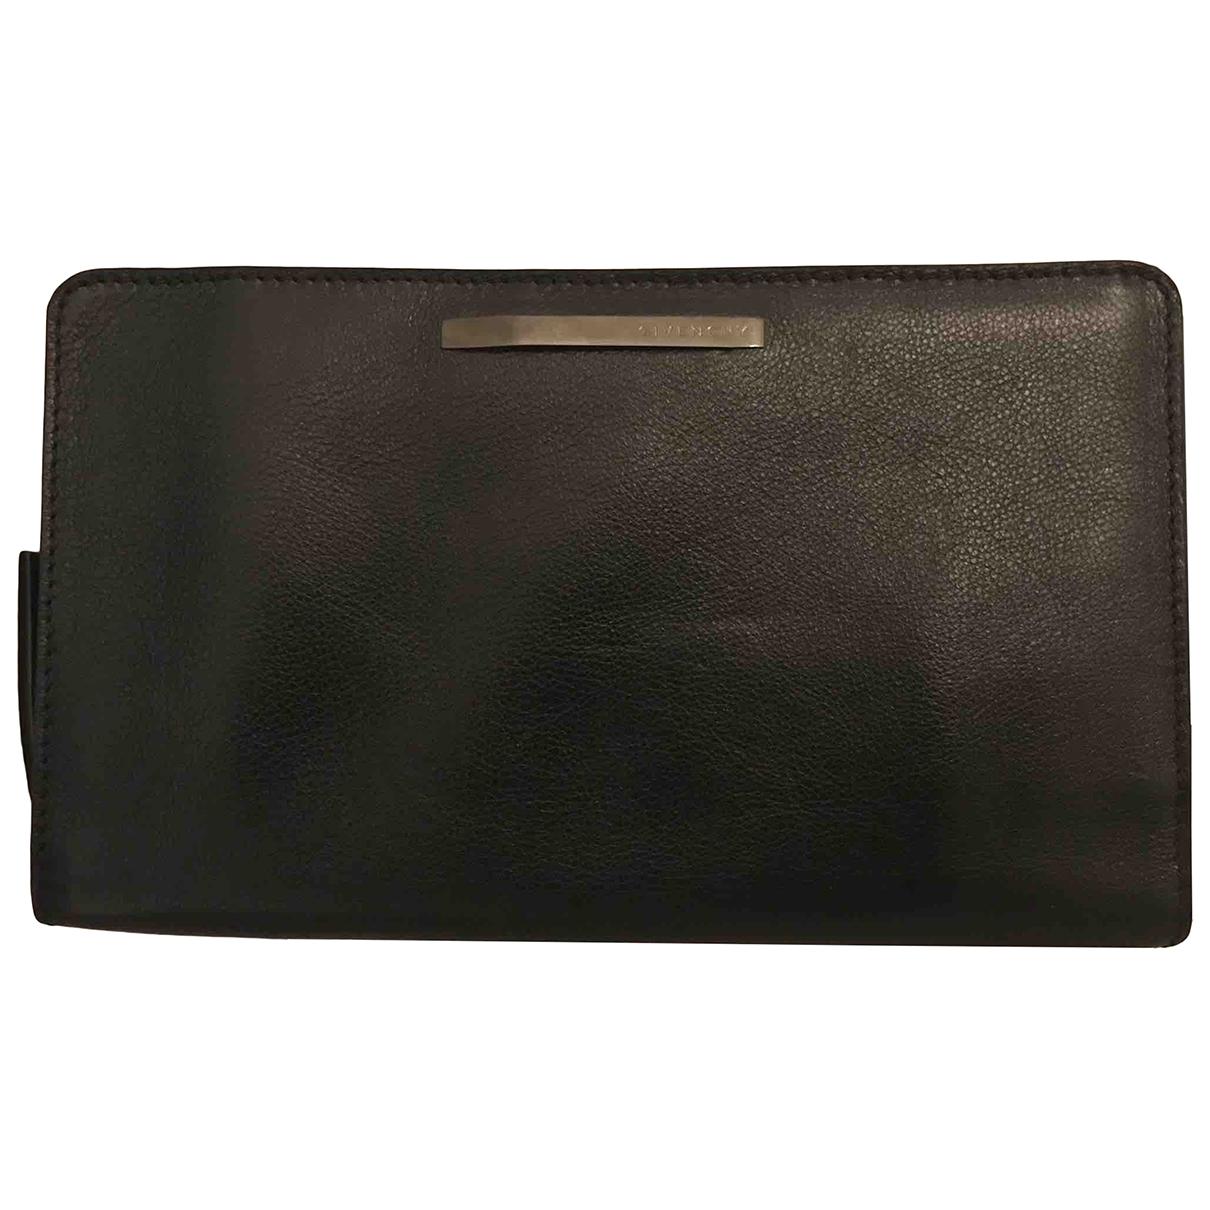 Givenchy - Petite maroquinerie   pour femme en cuir - noir